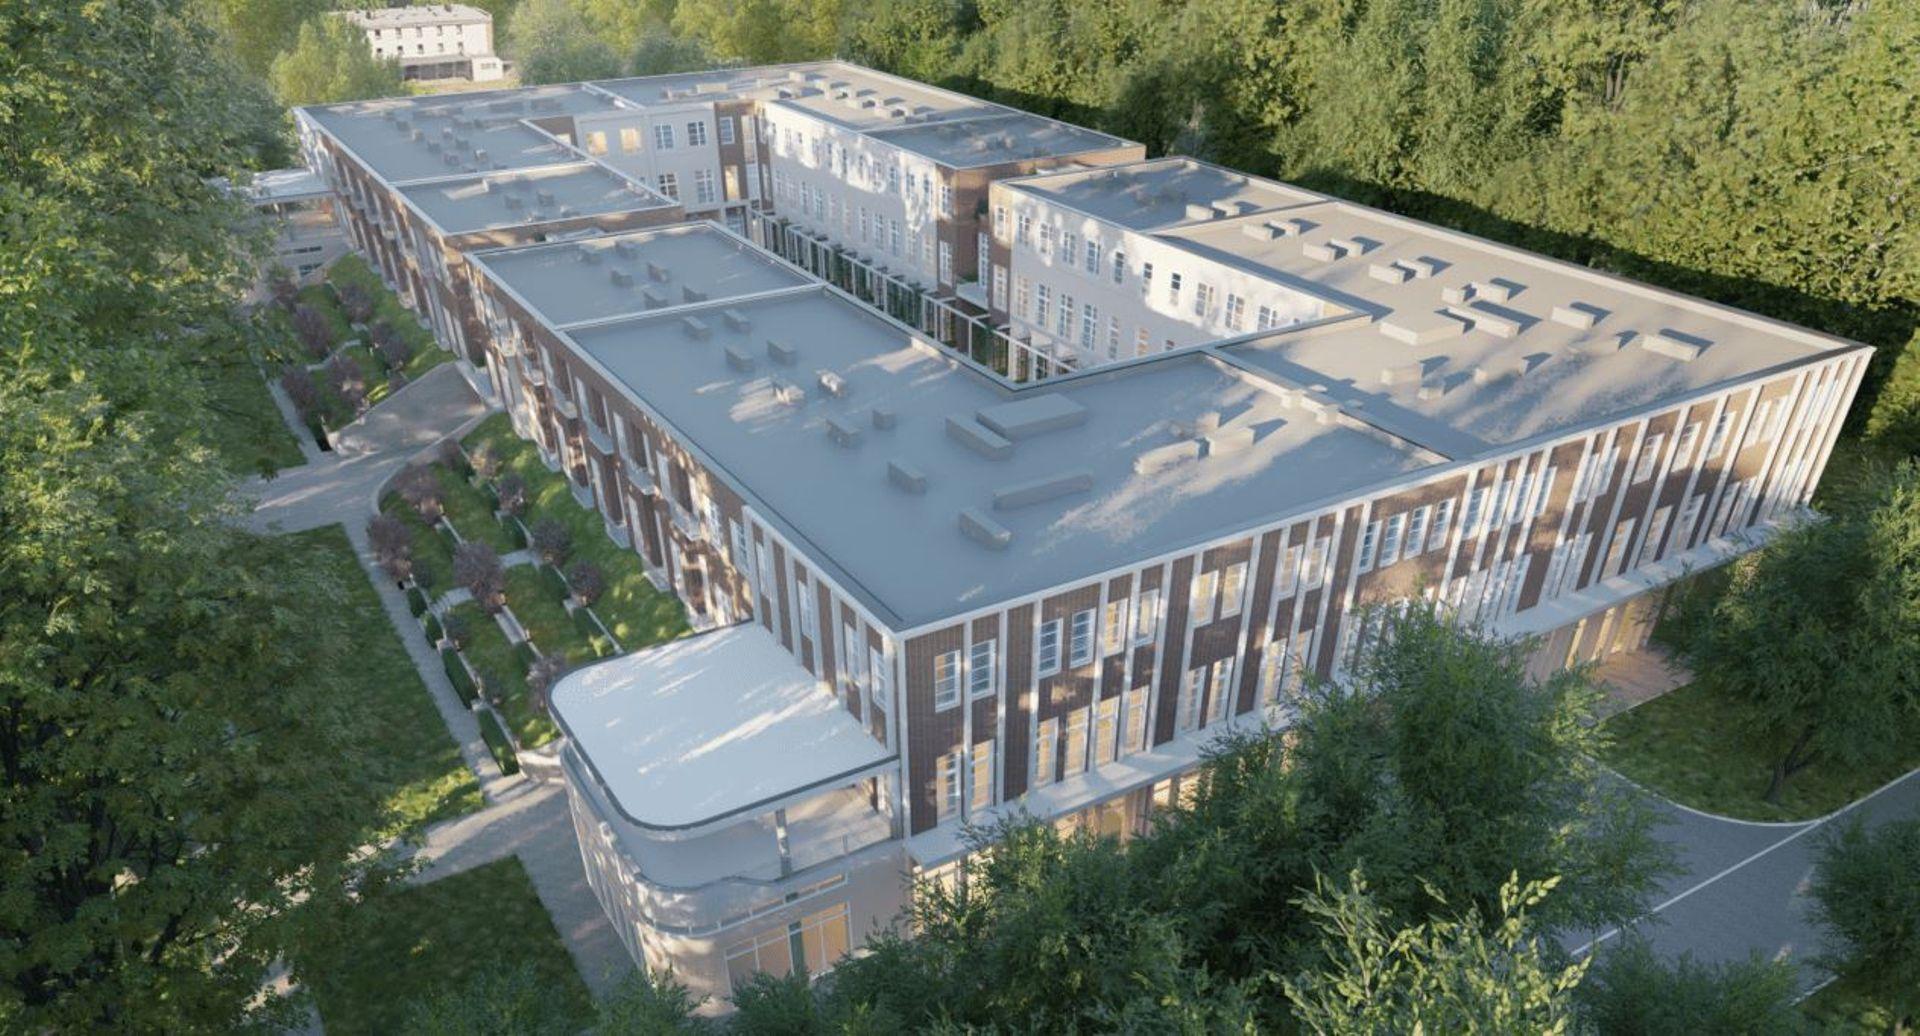 Na terenie dawnego Basenu Olimpijskiego we Wrocławiu powstanie Start Park [FILMY + WIZUALIZACJE + ZDJĘCIA]